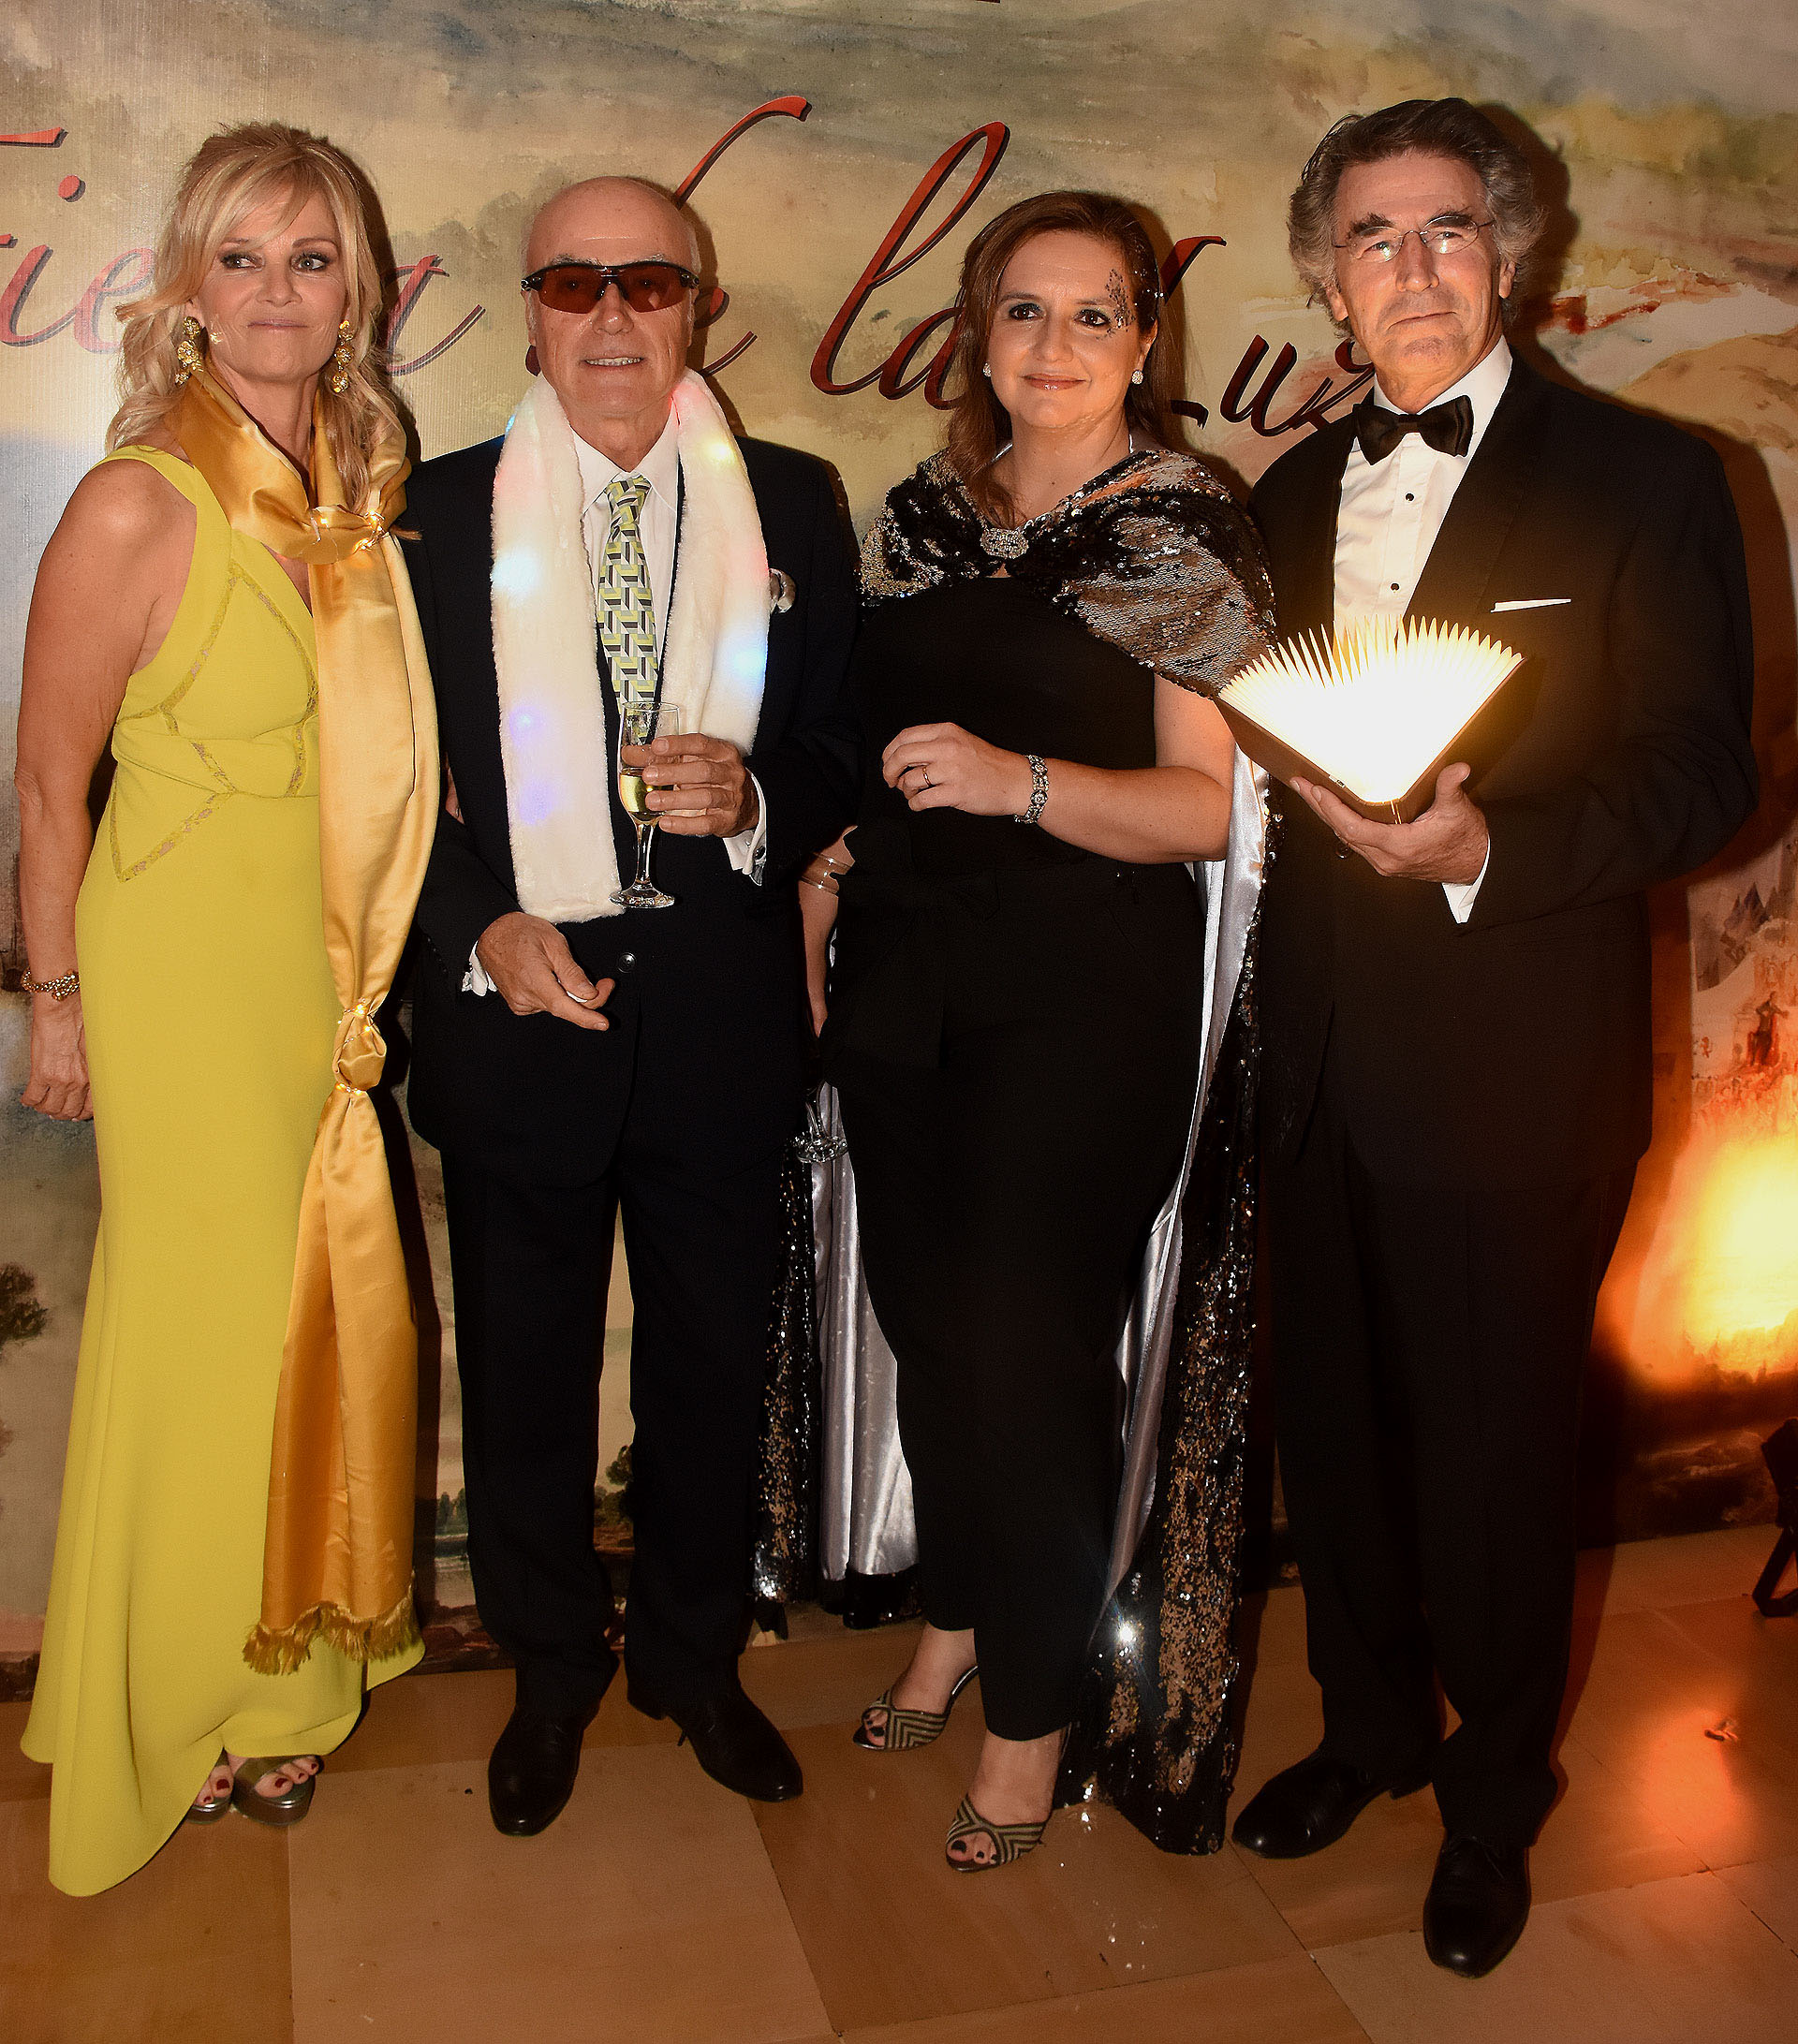 Josefina Carles, Ignacio Noel, Cecilia Remiro Valcarcel y Horacio Torcello